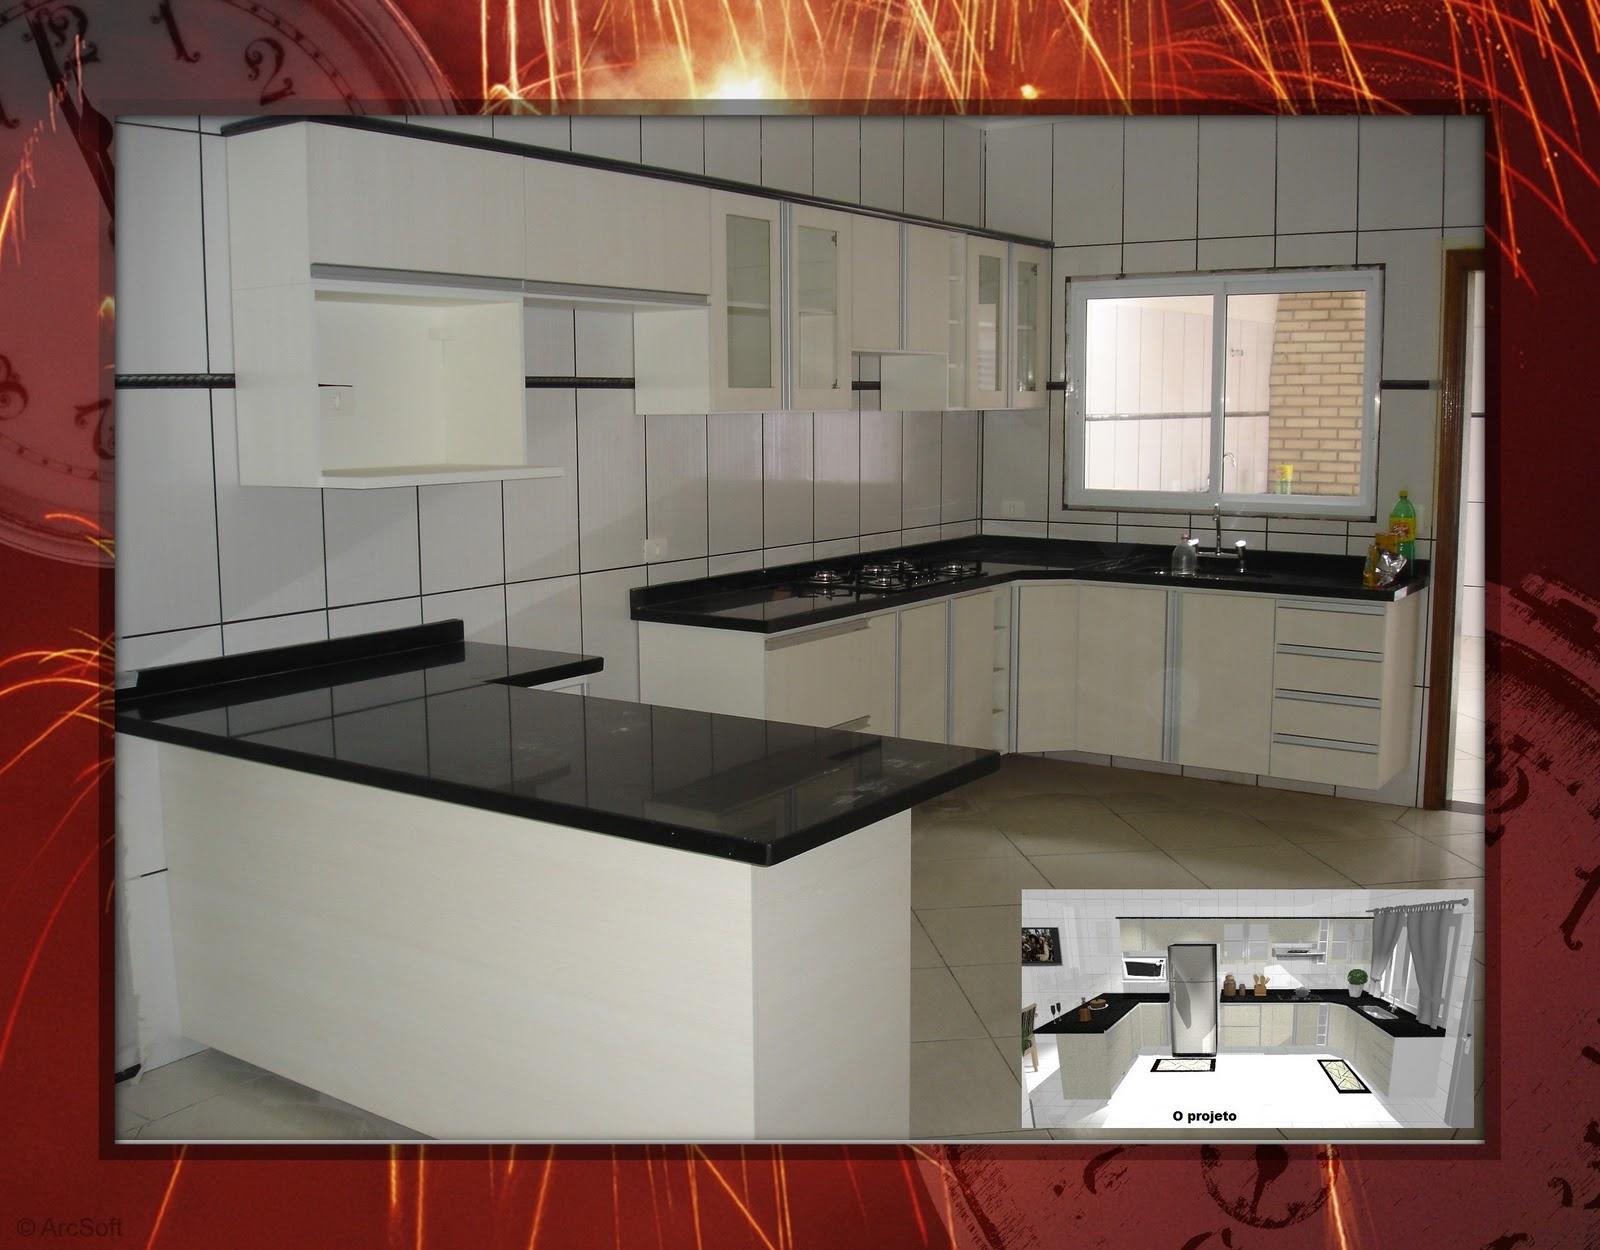 Criart Móveis e Design de Interiores: Cozinha Estrelato #A94122 1600 1250